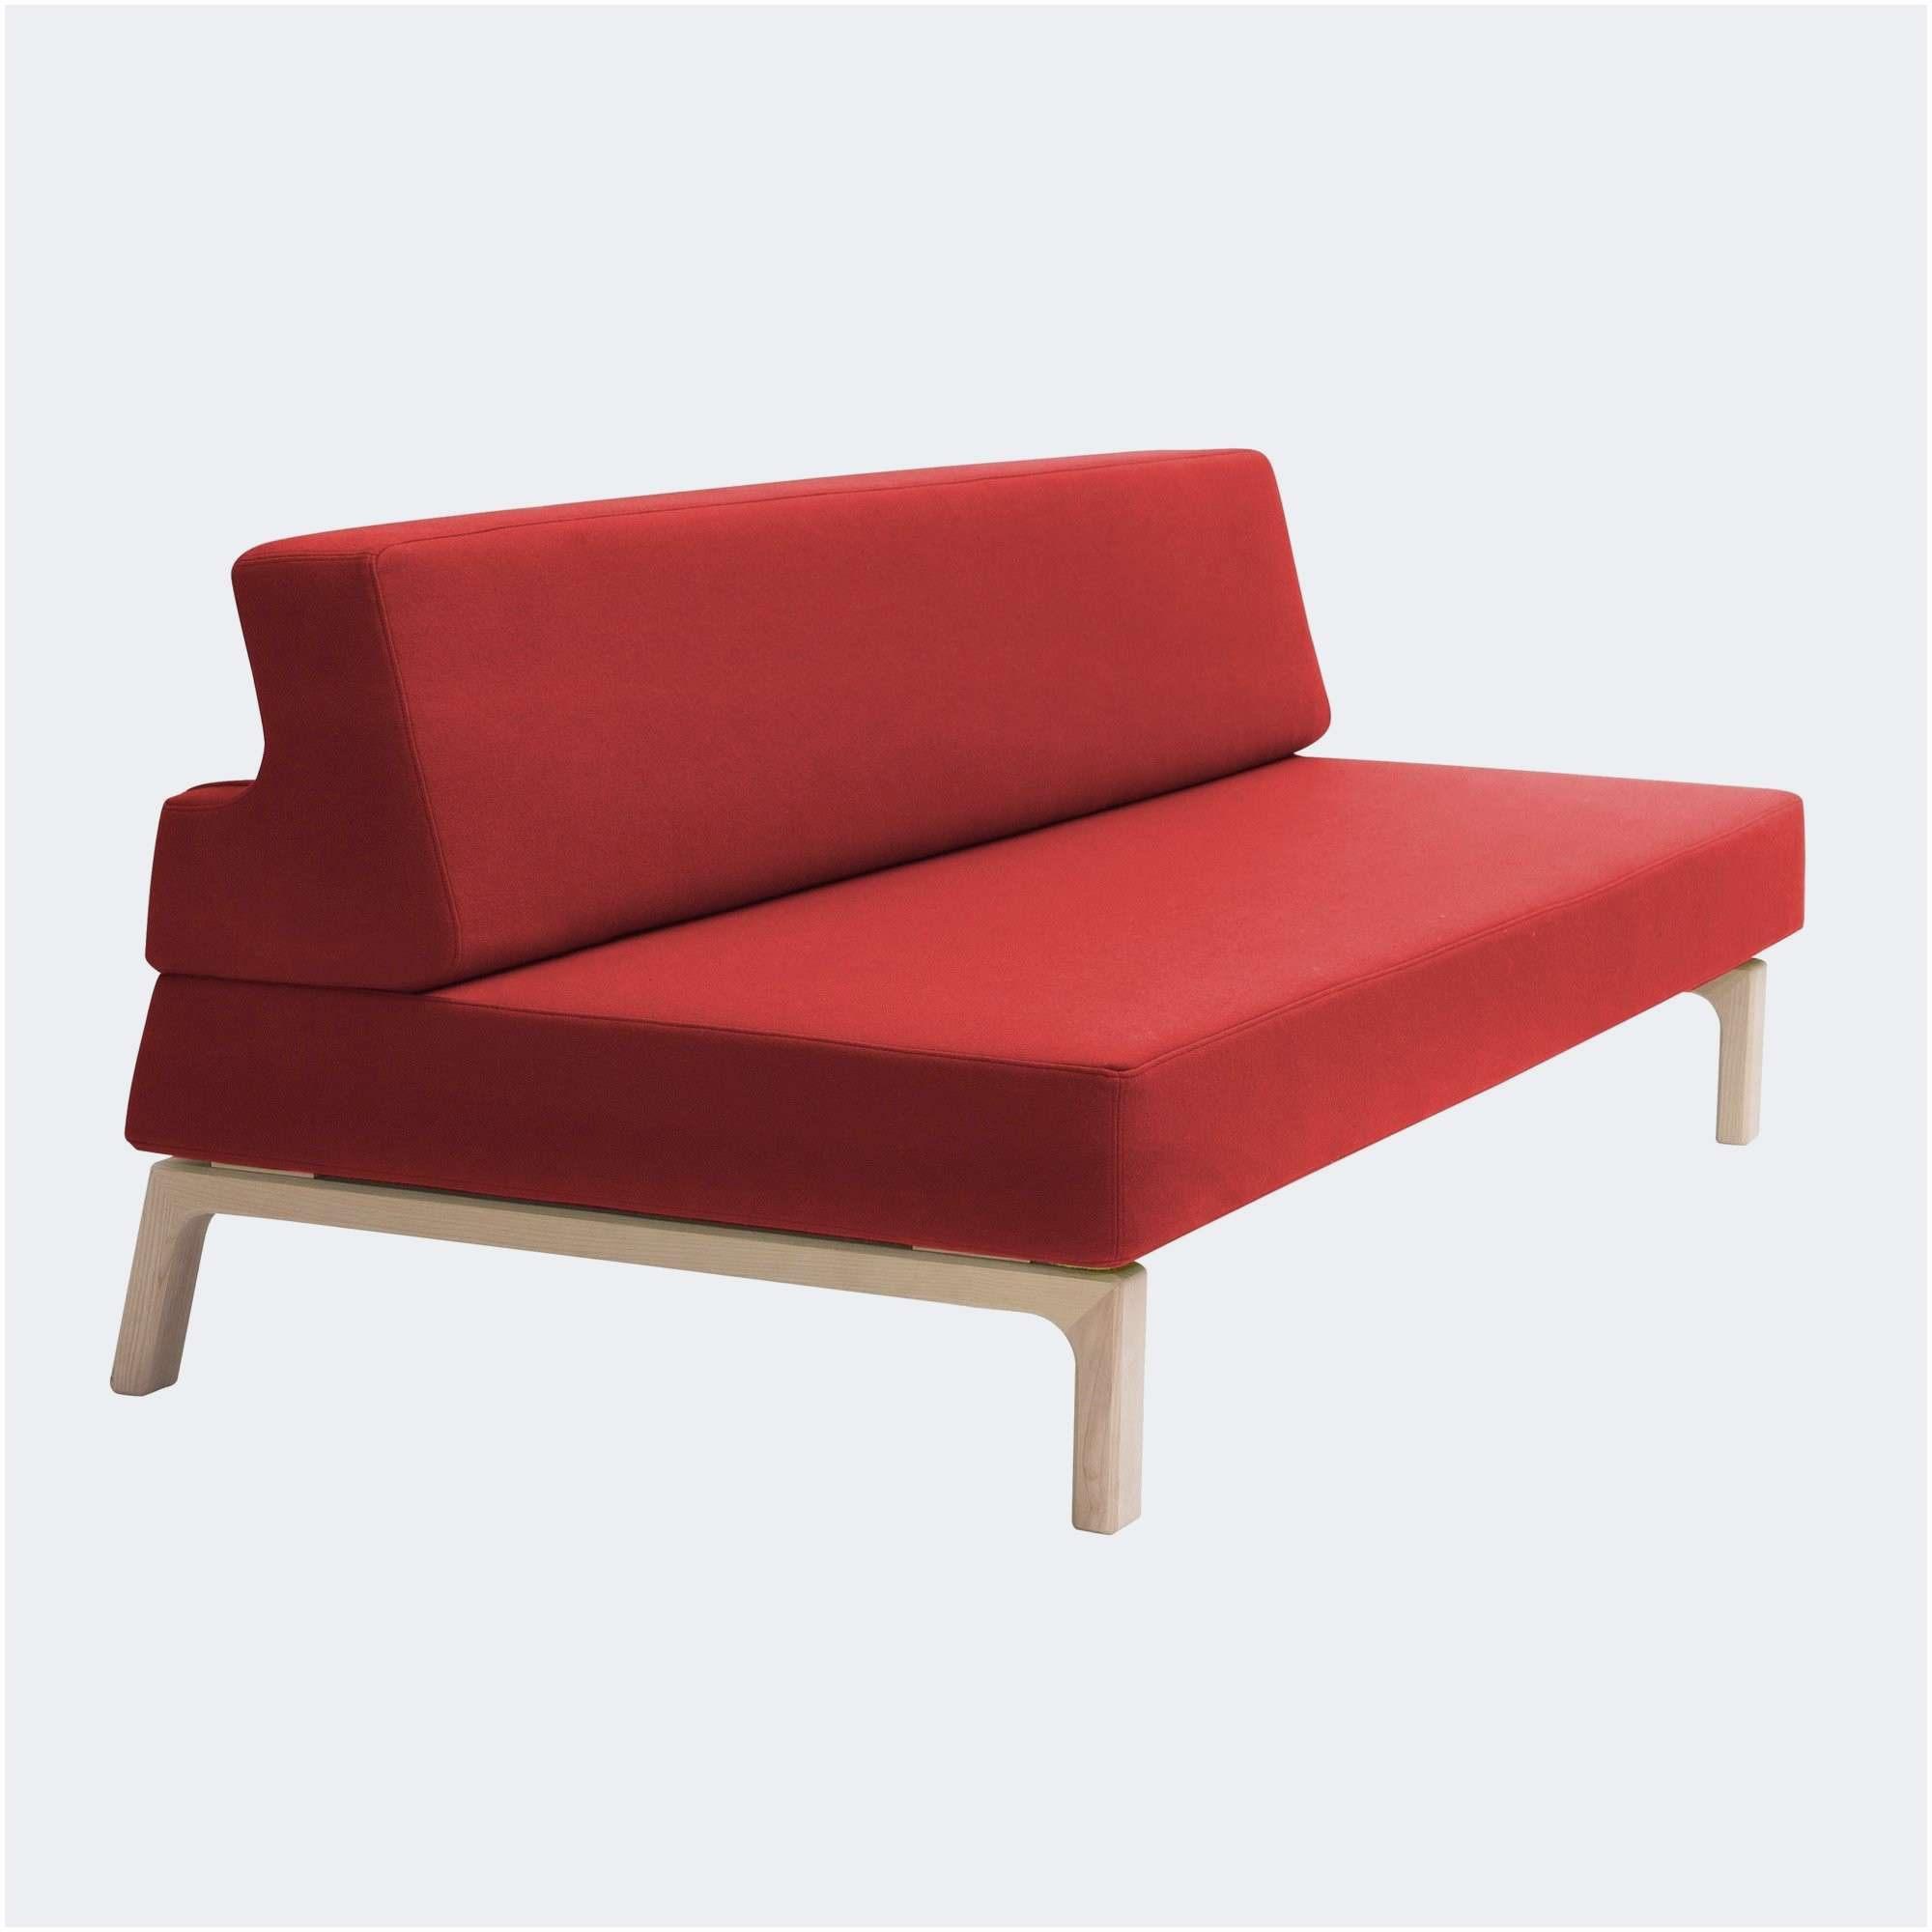 Canapé Lit Coffre Beau Unique Canapé 3 Places Ikea Inspirant Canap D Angle Imitation Cuir